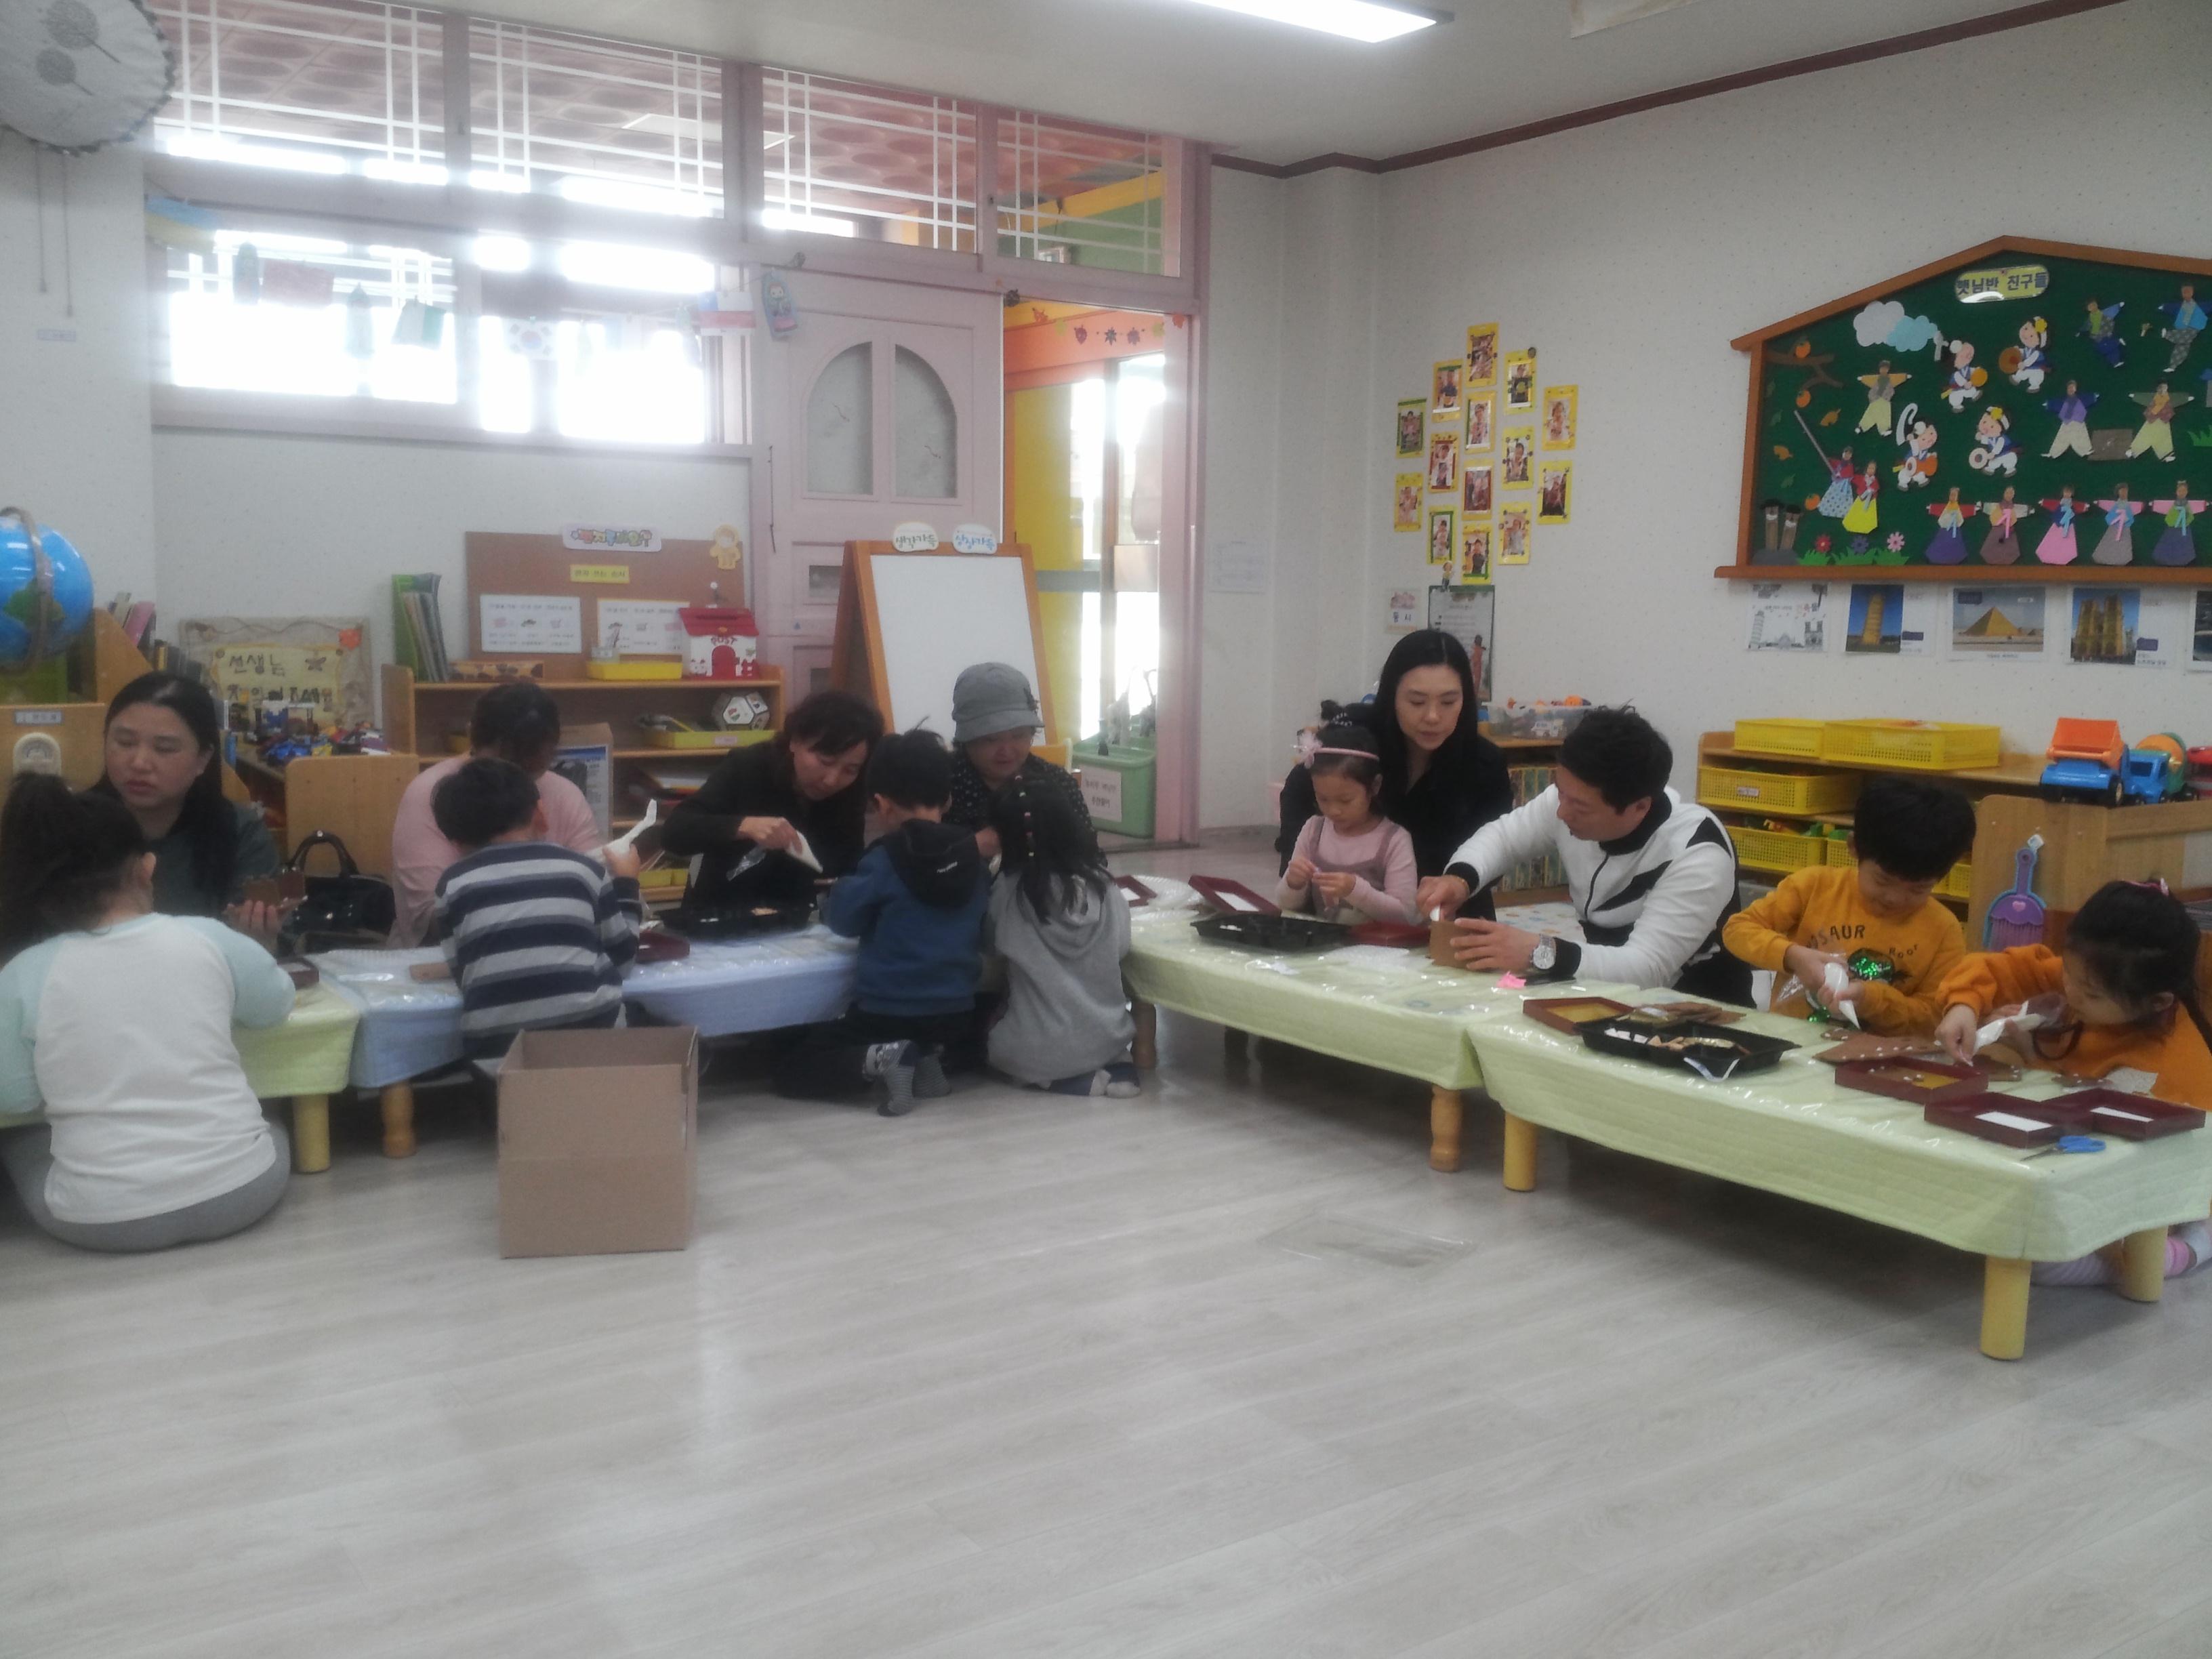 [일반] 학부모 공개 수업이 있었습니다.의 첨부이미지 3